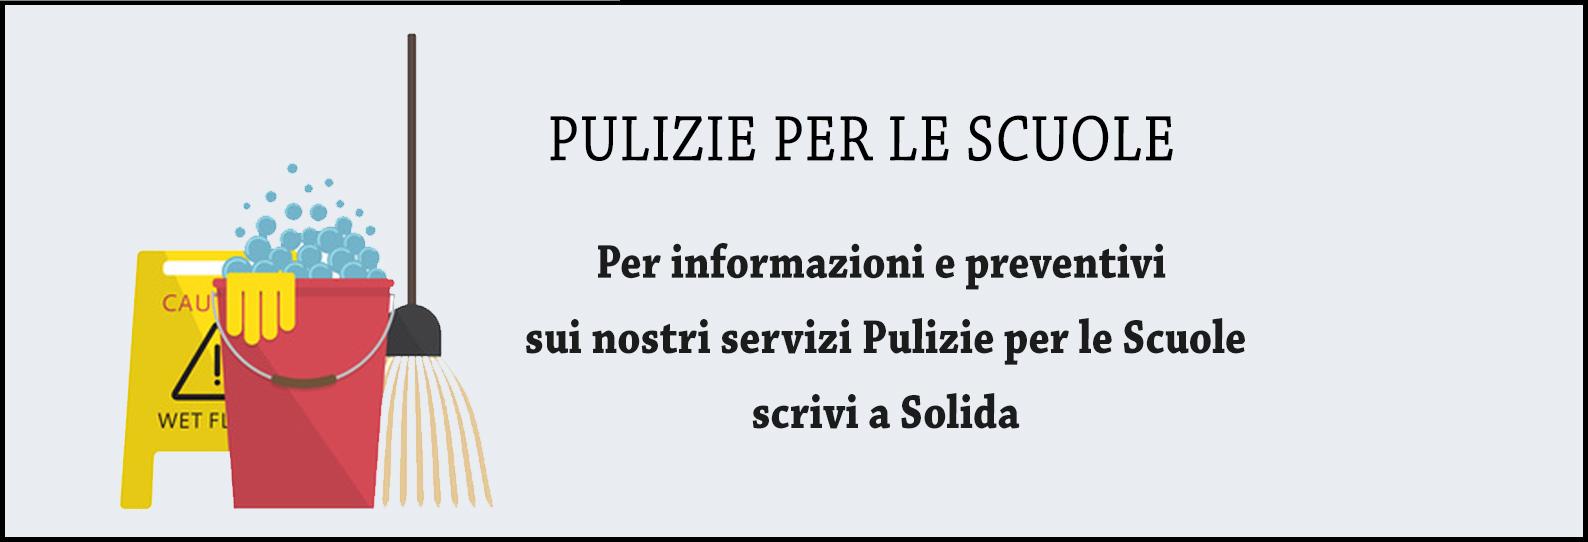 Solida_sito pll_banner_puliziescuole